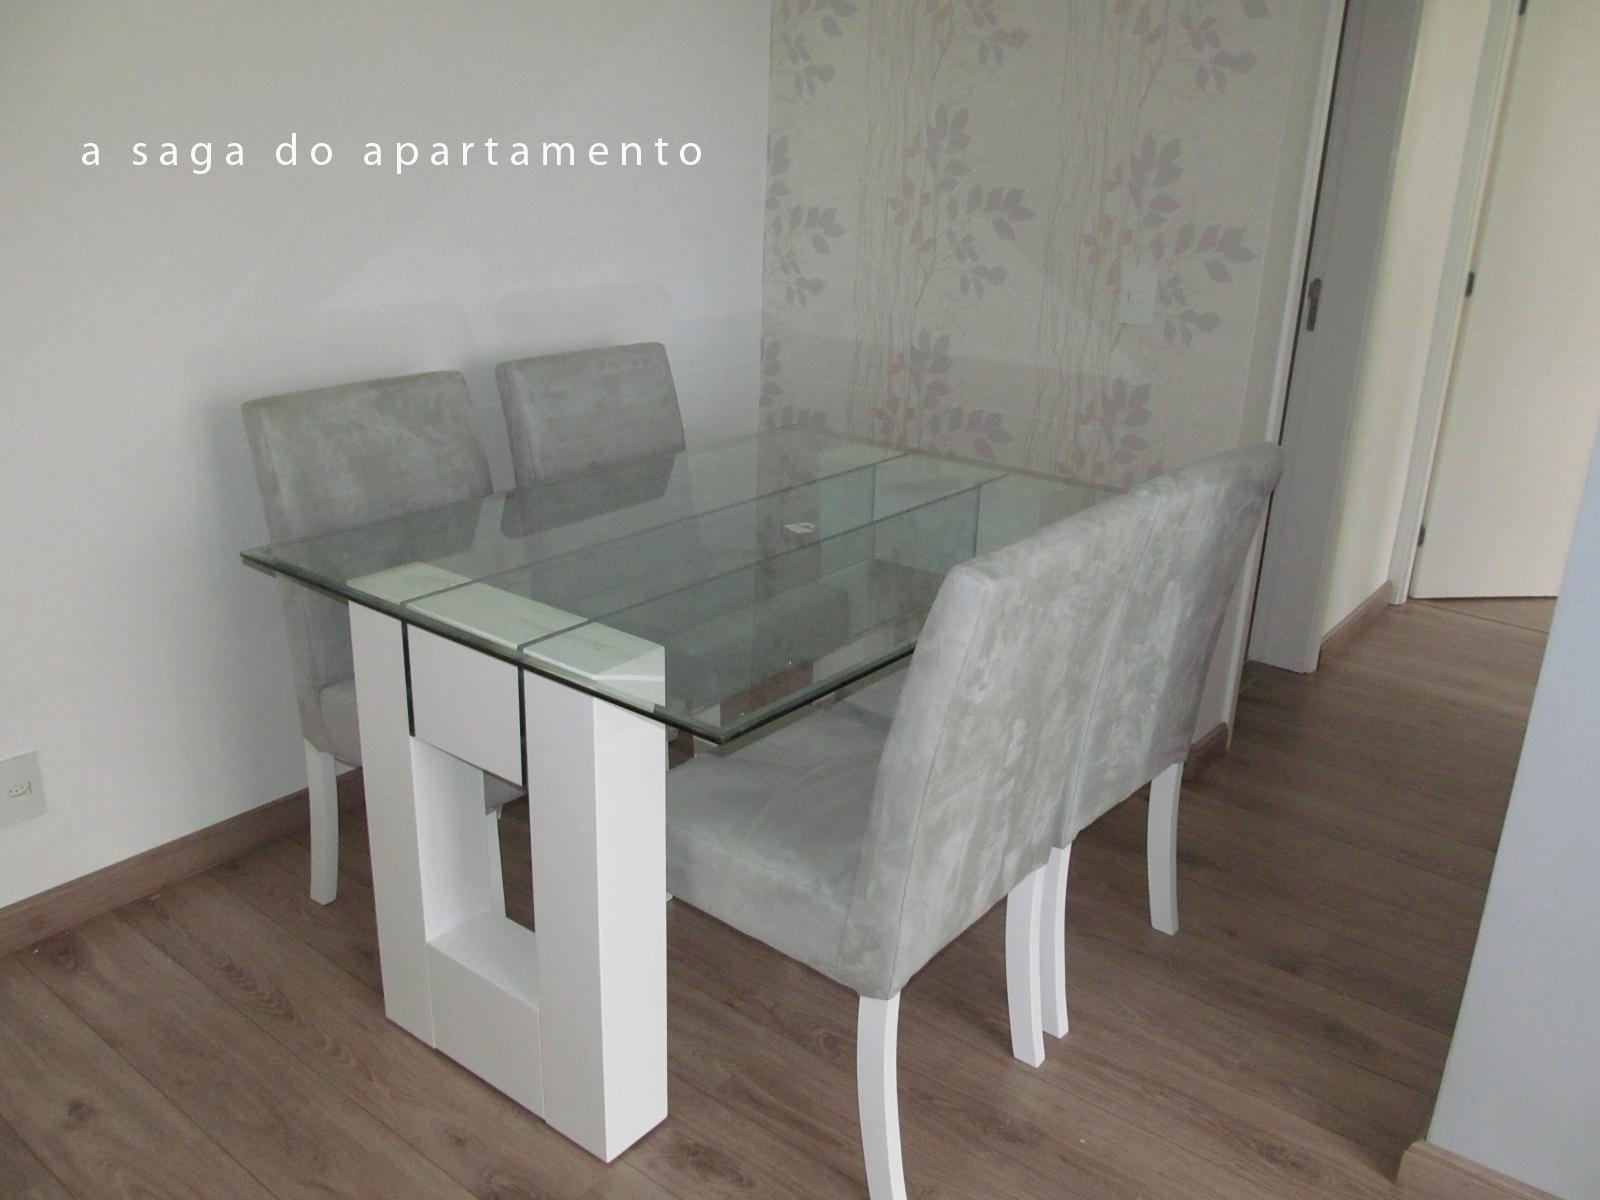 Mesa Em Parede ~ decoraç u00e3o sala de jantar a saga do apartamento